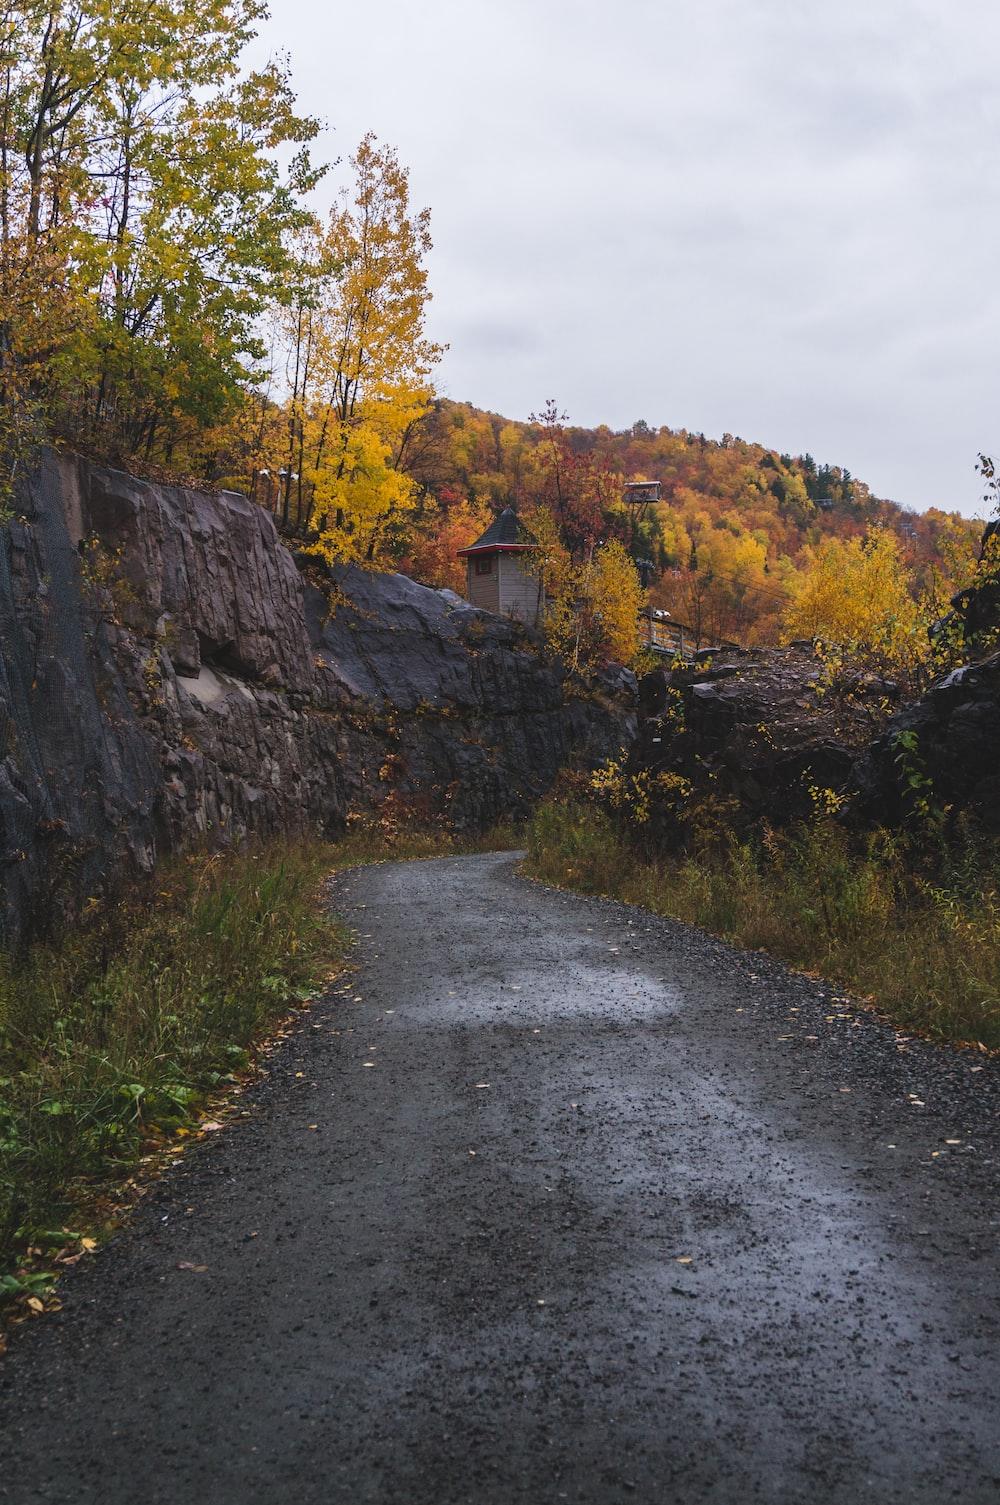 concrete pathway beside trees